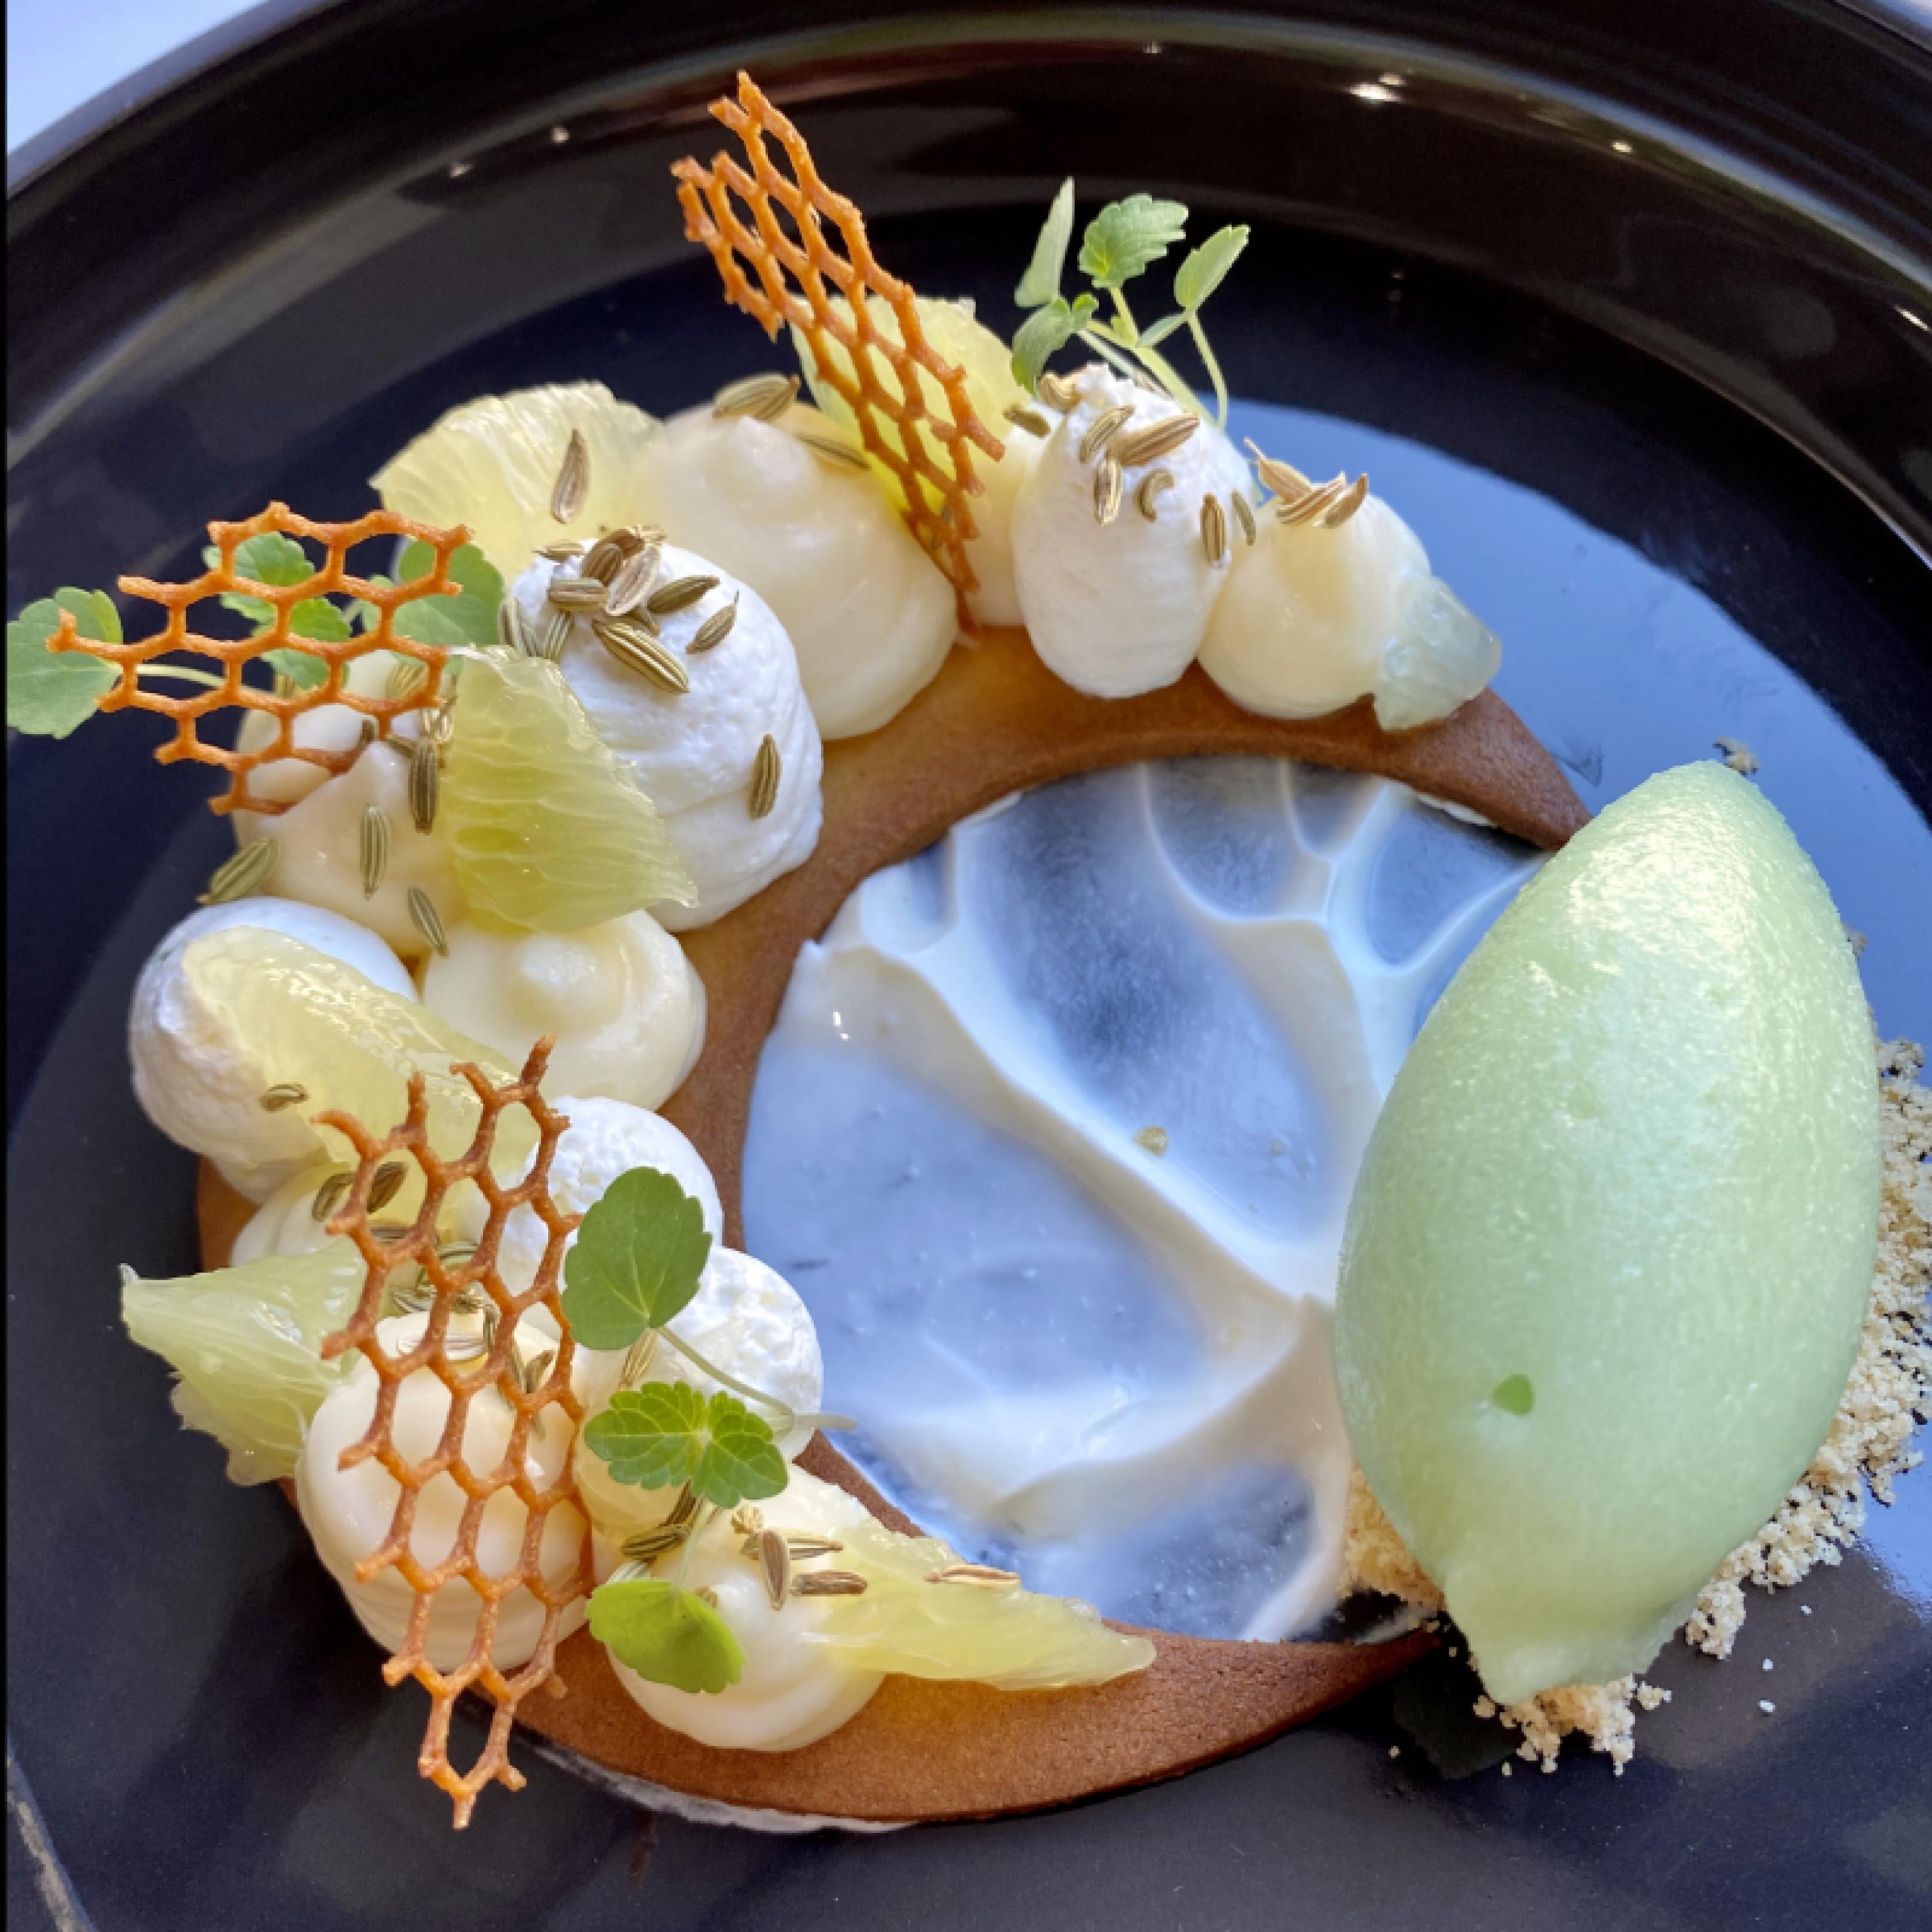 DESSERT - Crème de citron, mousse yaourt, sorbet fenouil.JPEG